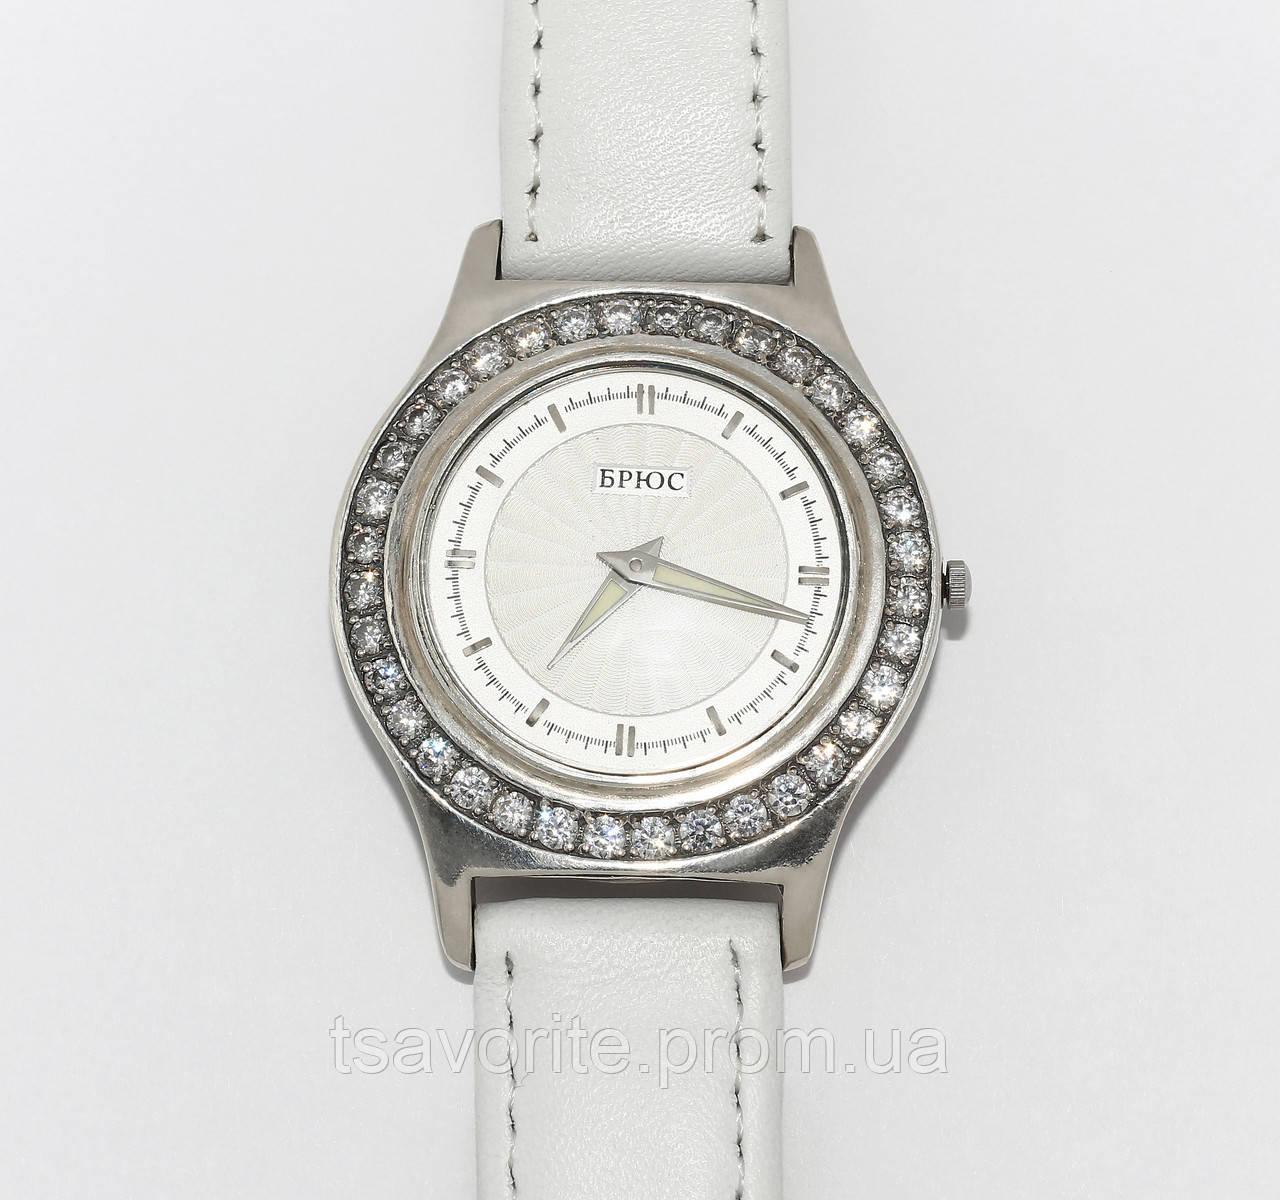 Купить в симферополе наручные часы